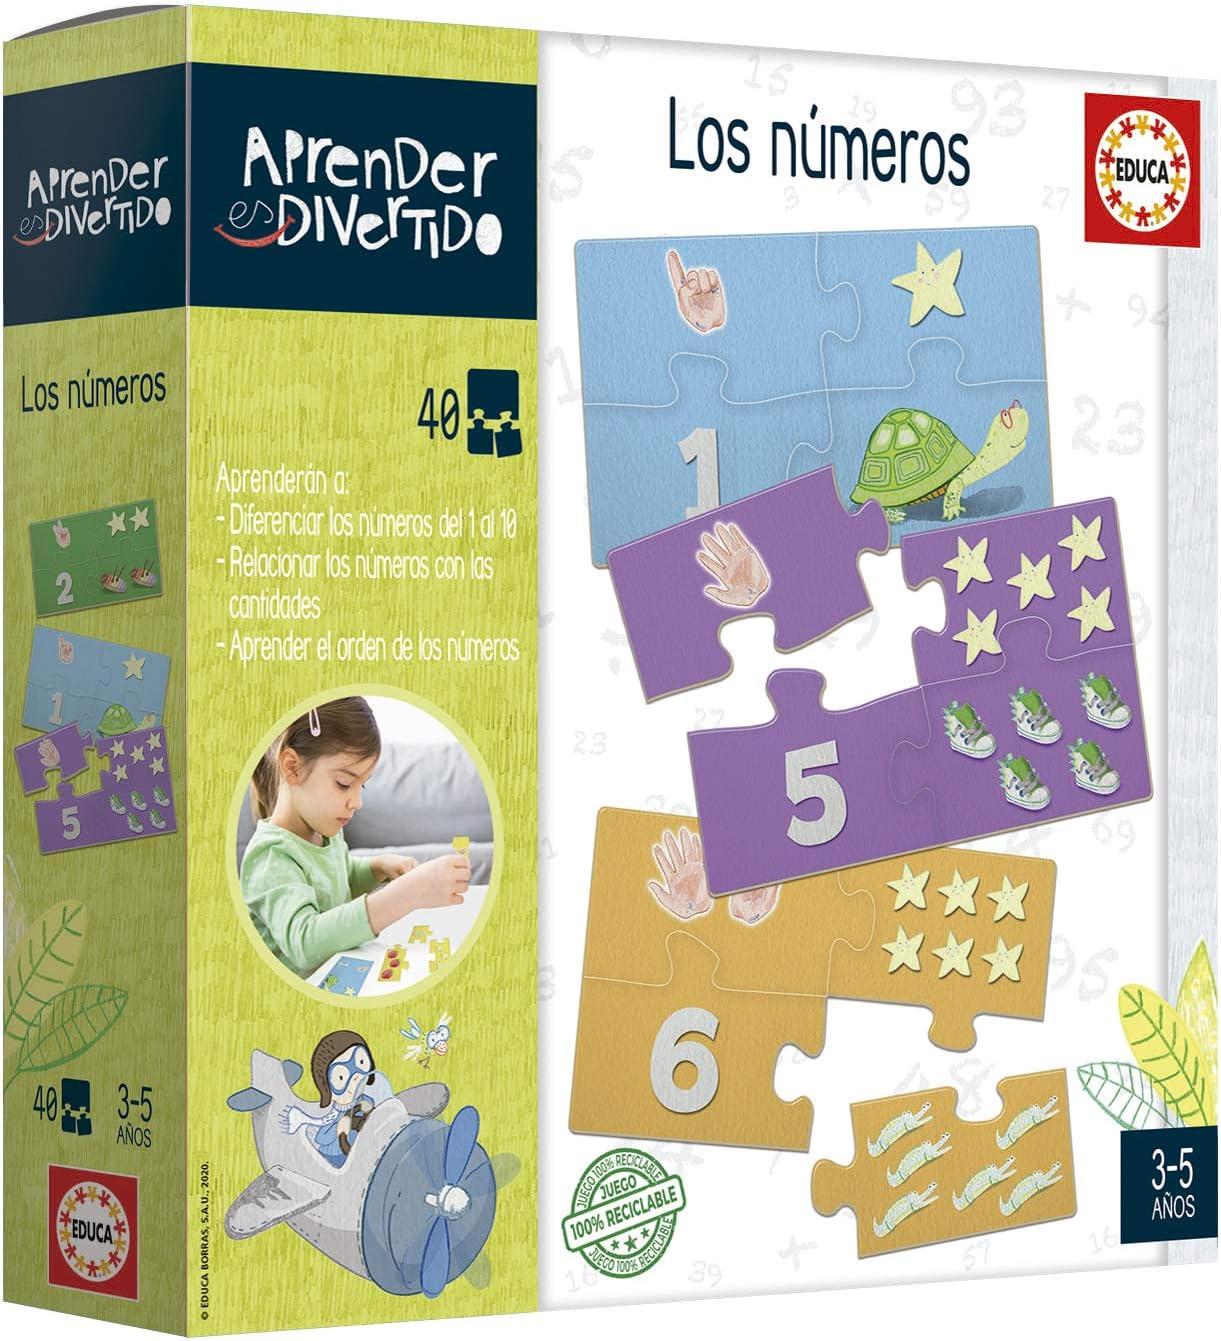 Educa- Aprender es Divertido: Los Números Juego Educativo para niños, a Partir de 3 años (18695): Amazon.es: Juguetes y juegos